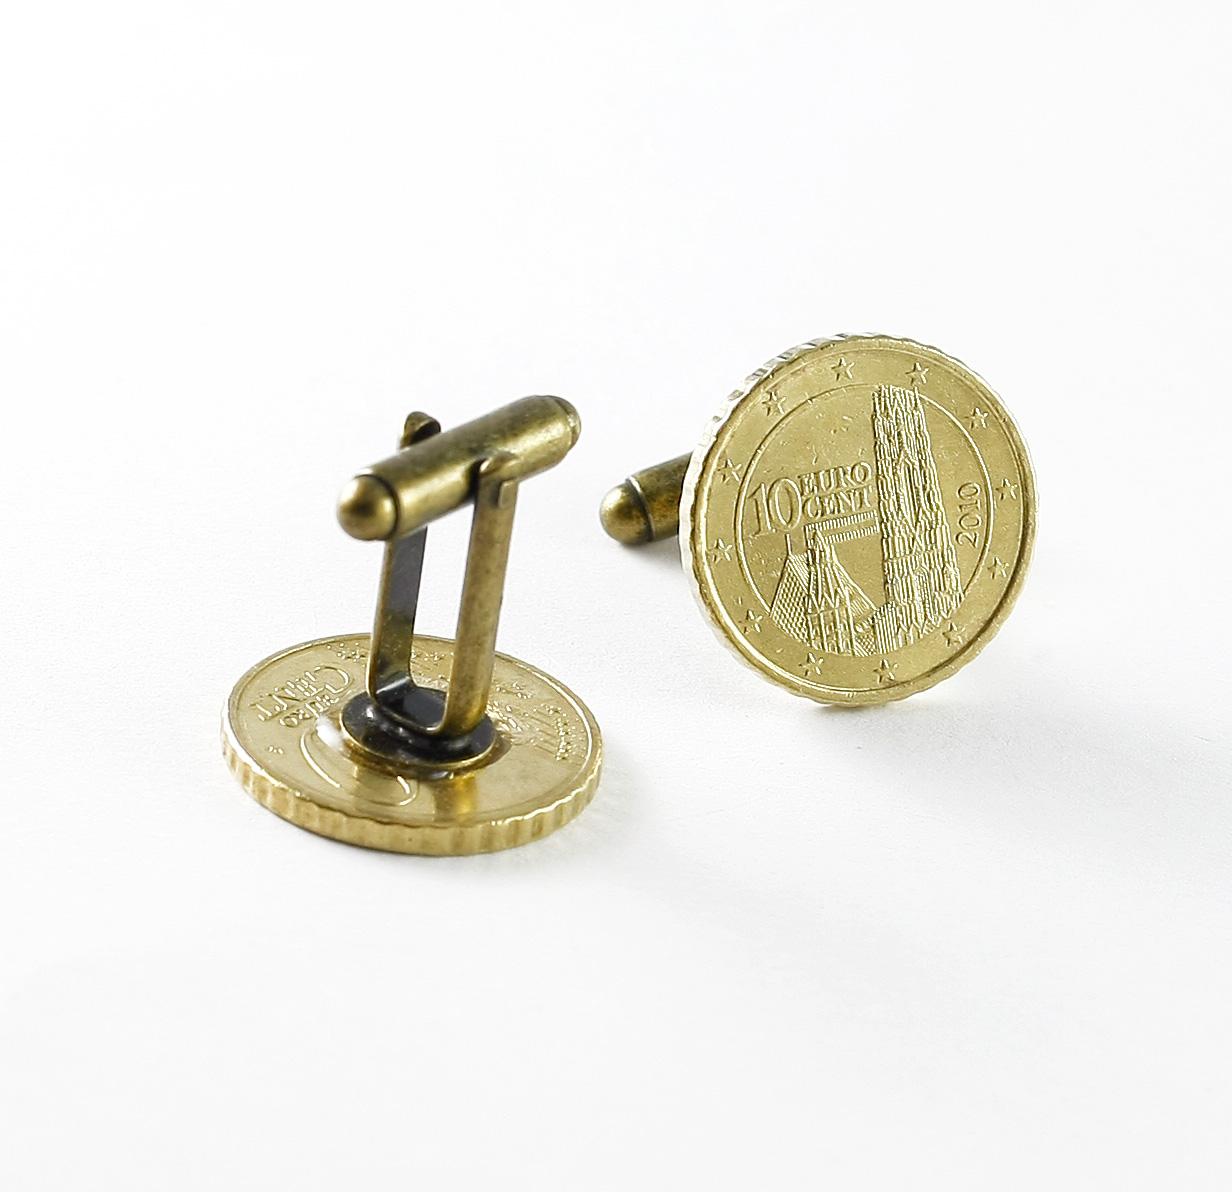 Manschettenknöpfe 10 Euro Cent österreich Austria Münzen